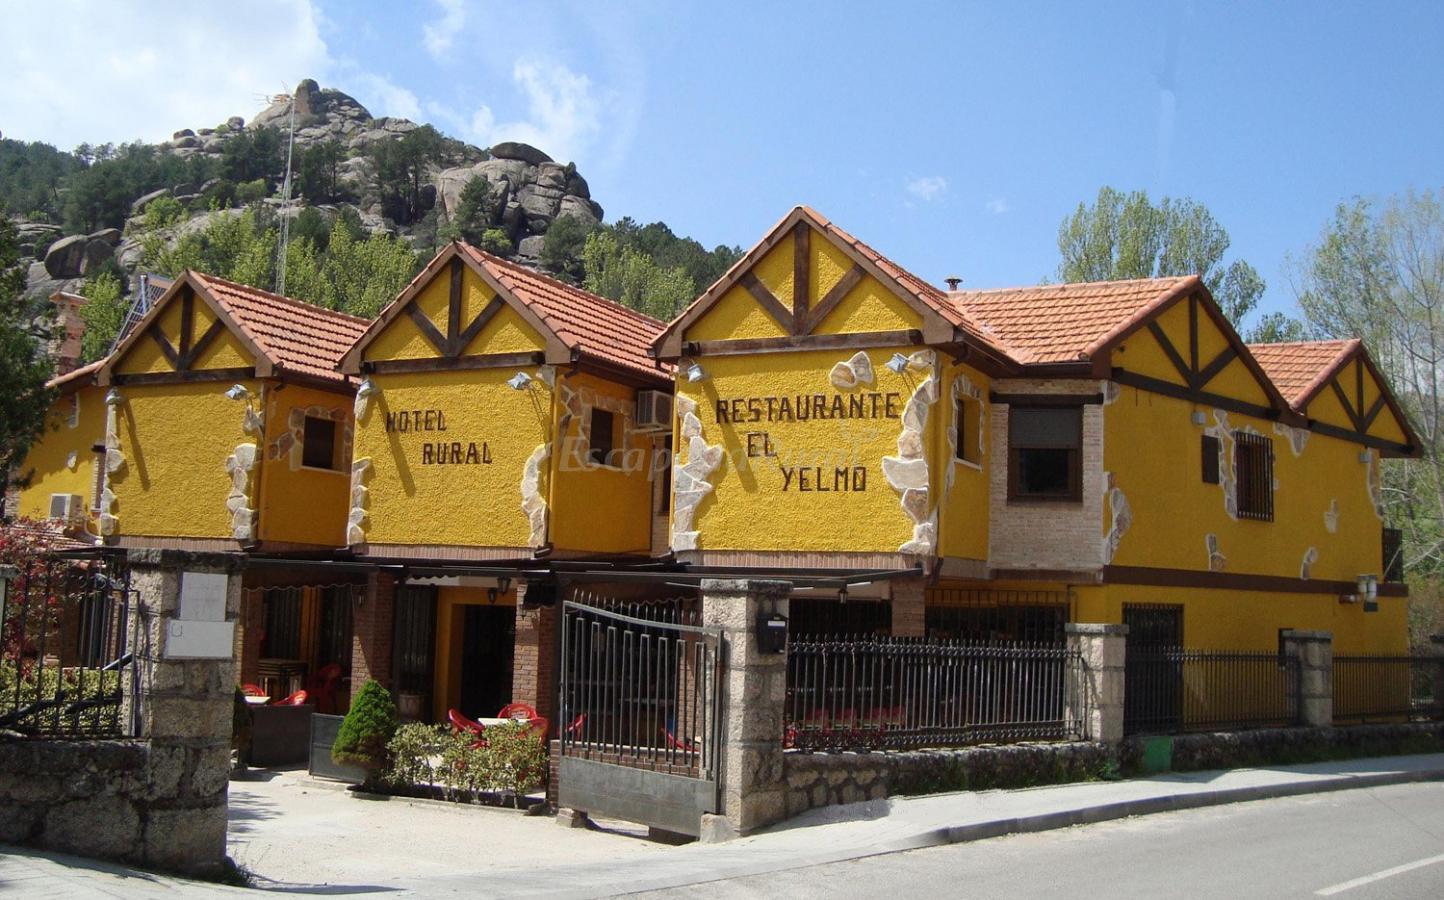 Fotos de hotel rural el yelmo casa rural en manzanares - Casa en manzanares el real ...